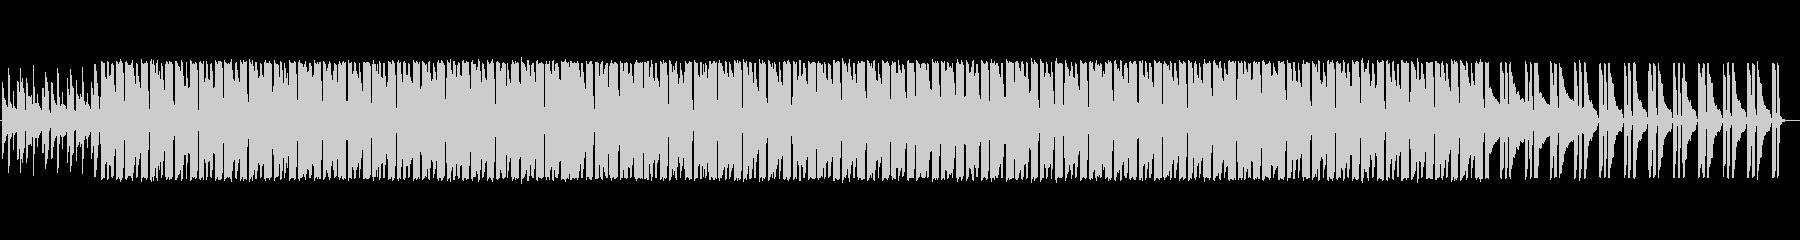 しっとりとしたスムースジャズの未再生の波形